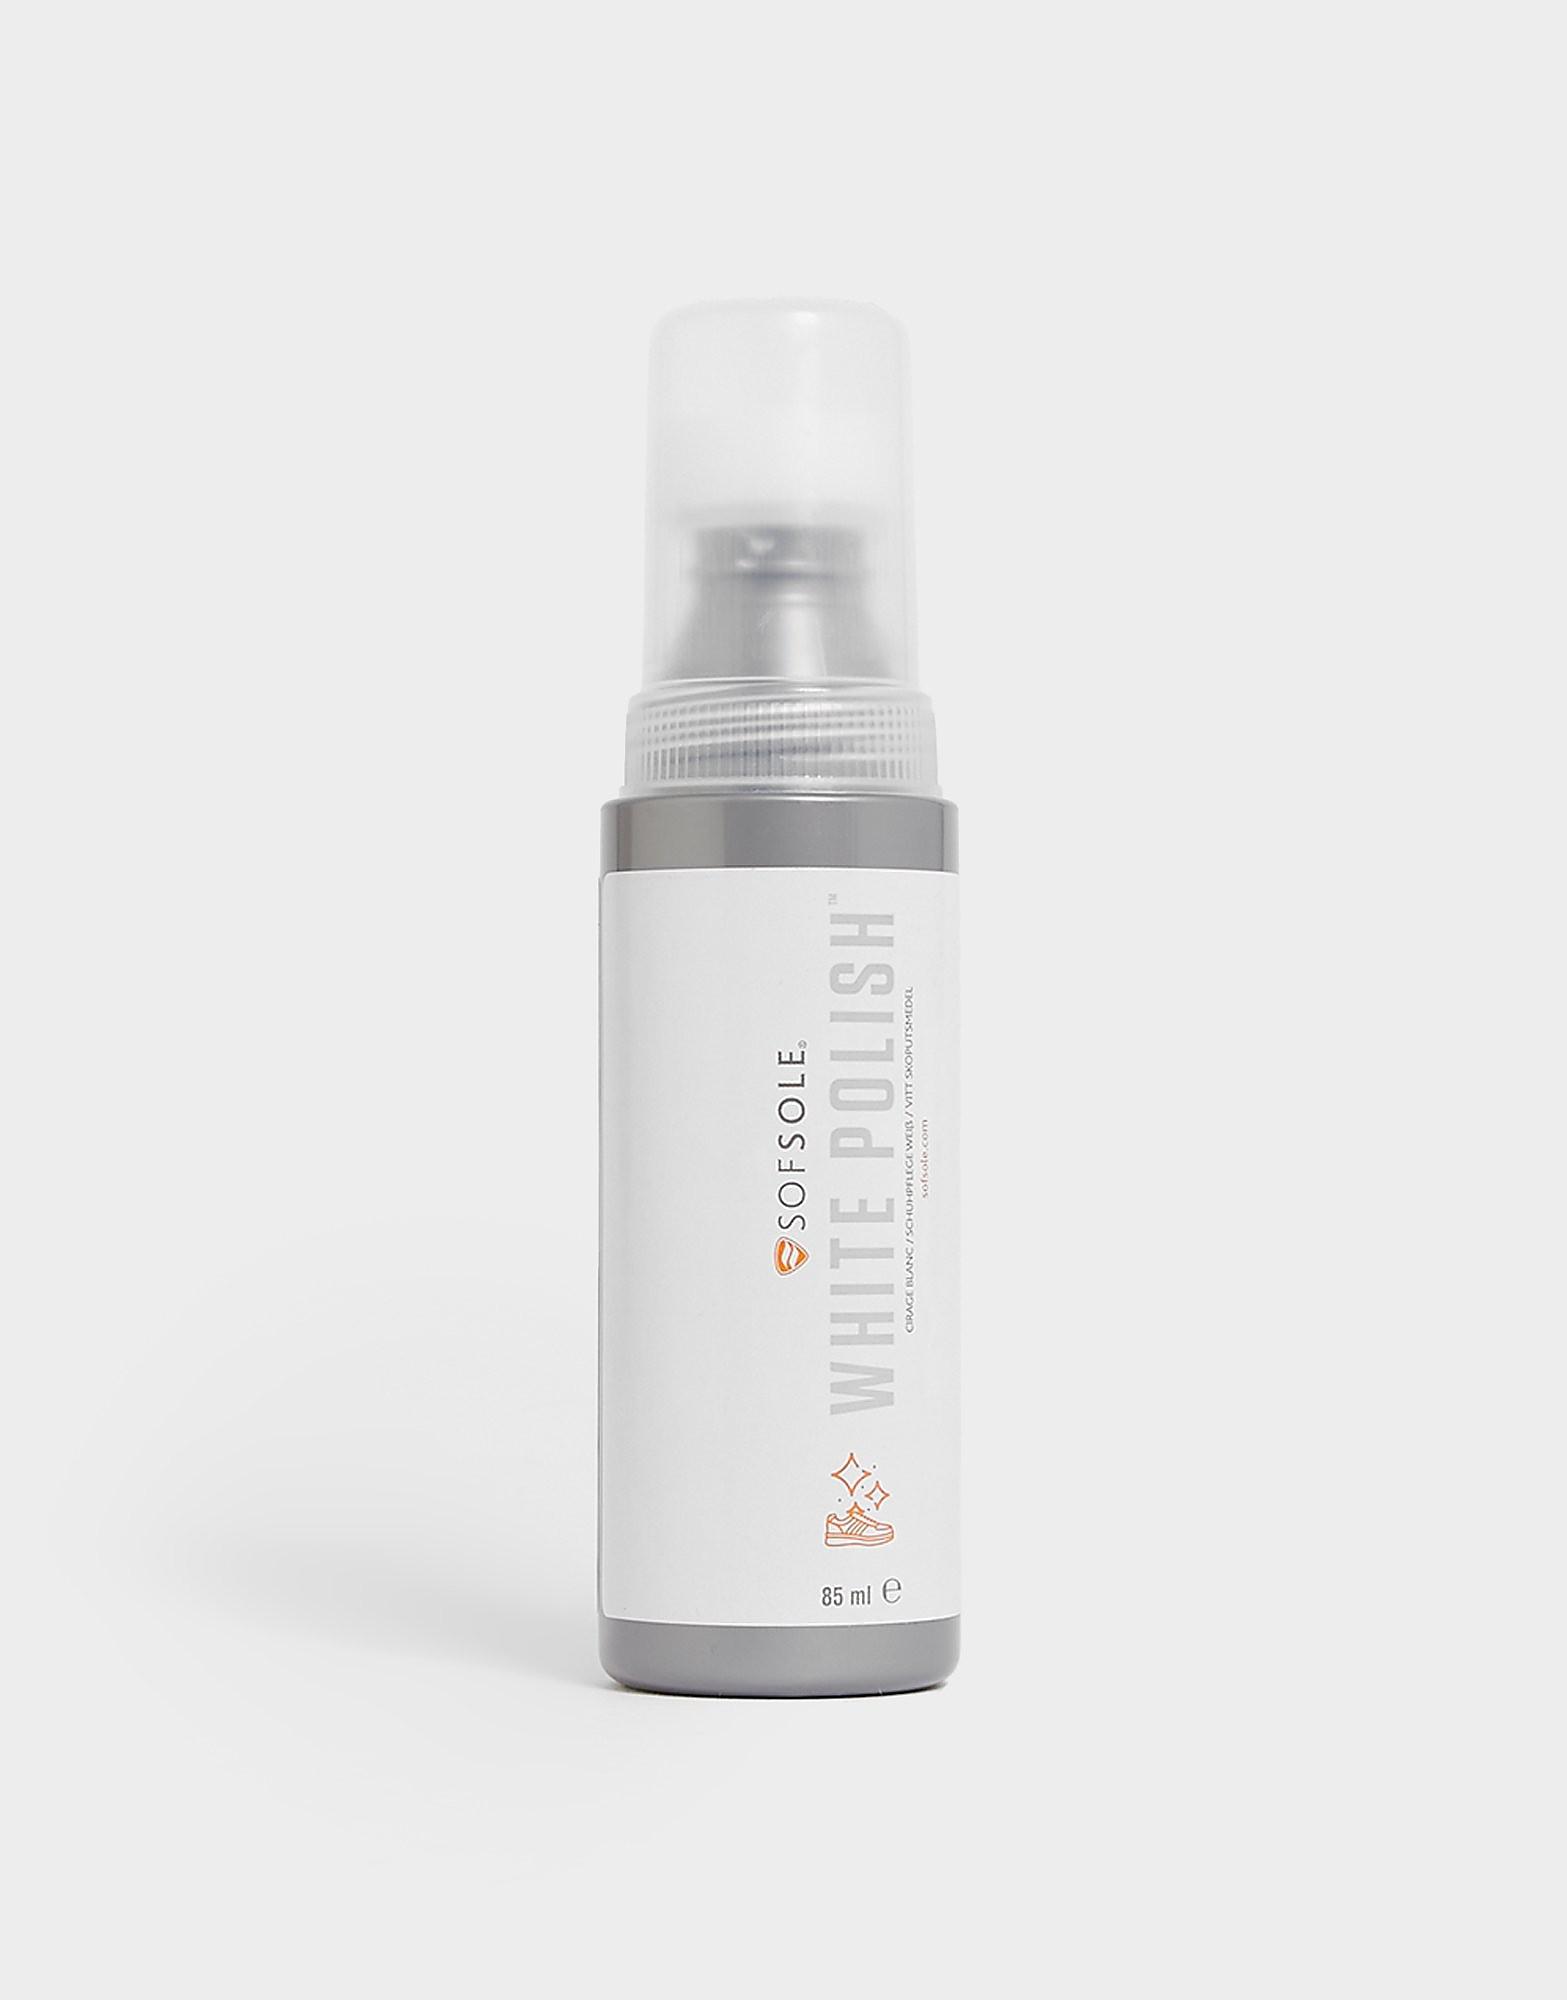 Sof Sole Betún blanco 90 ml